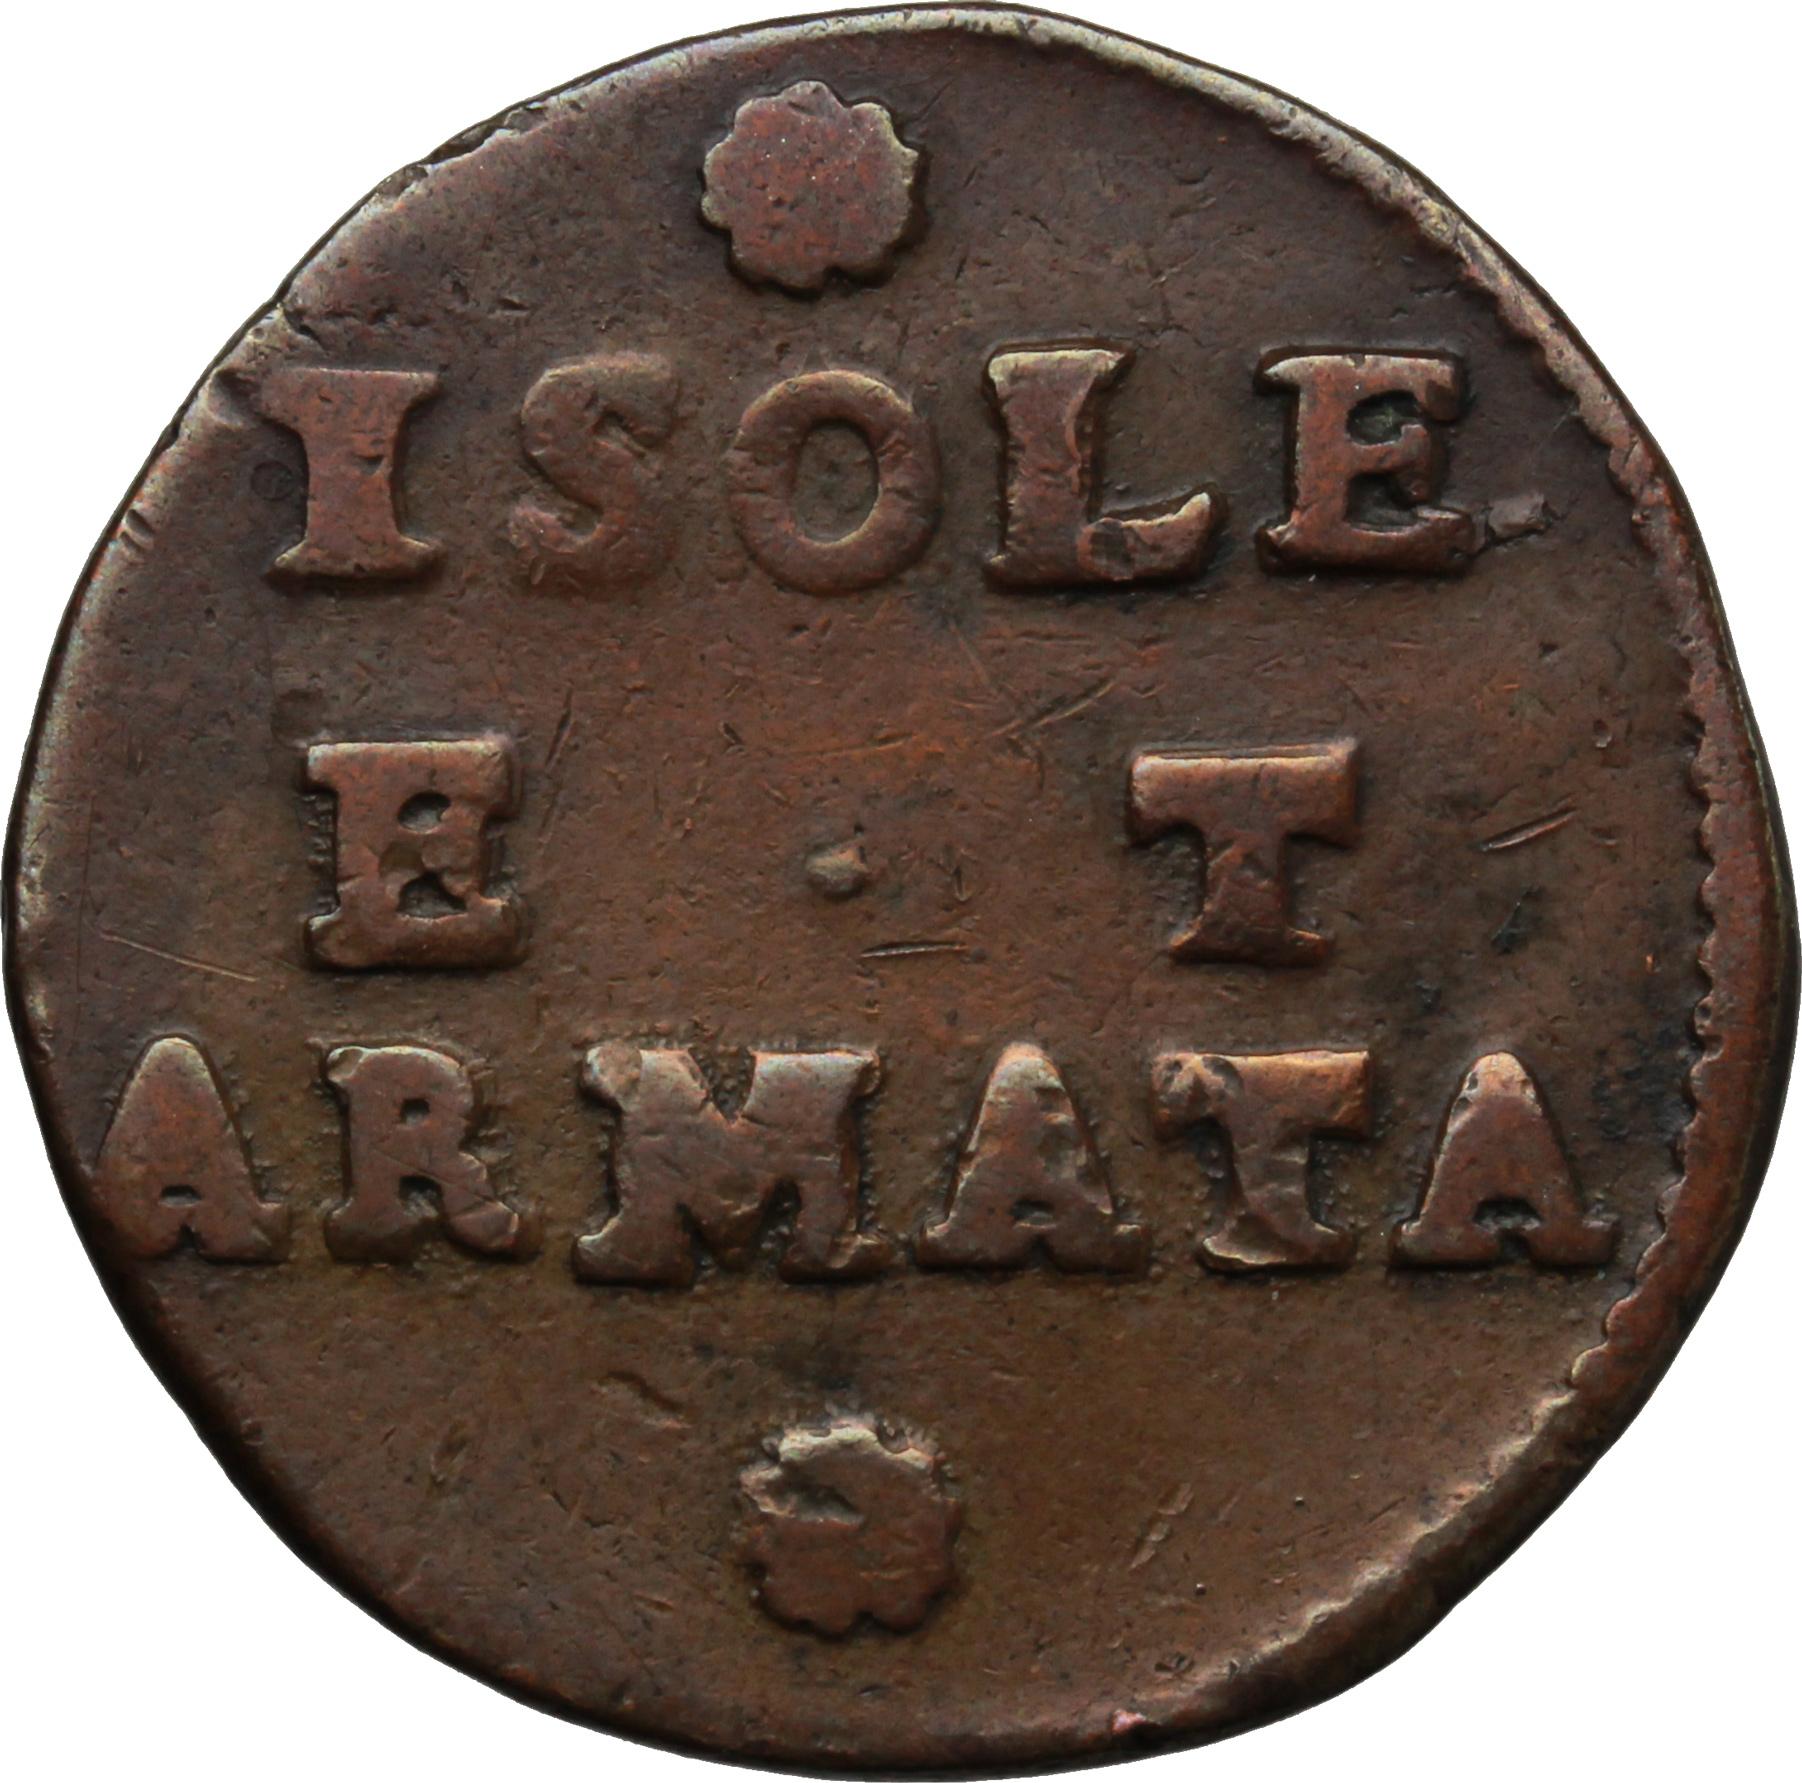 Artemide  Asta numismatica 36E Page 5  Dea Moneta